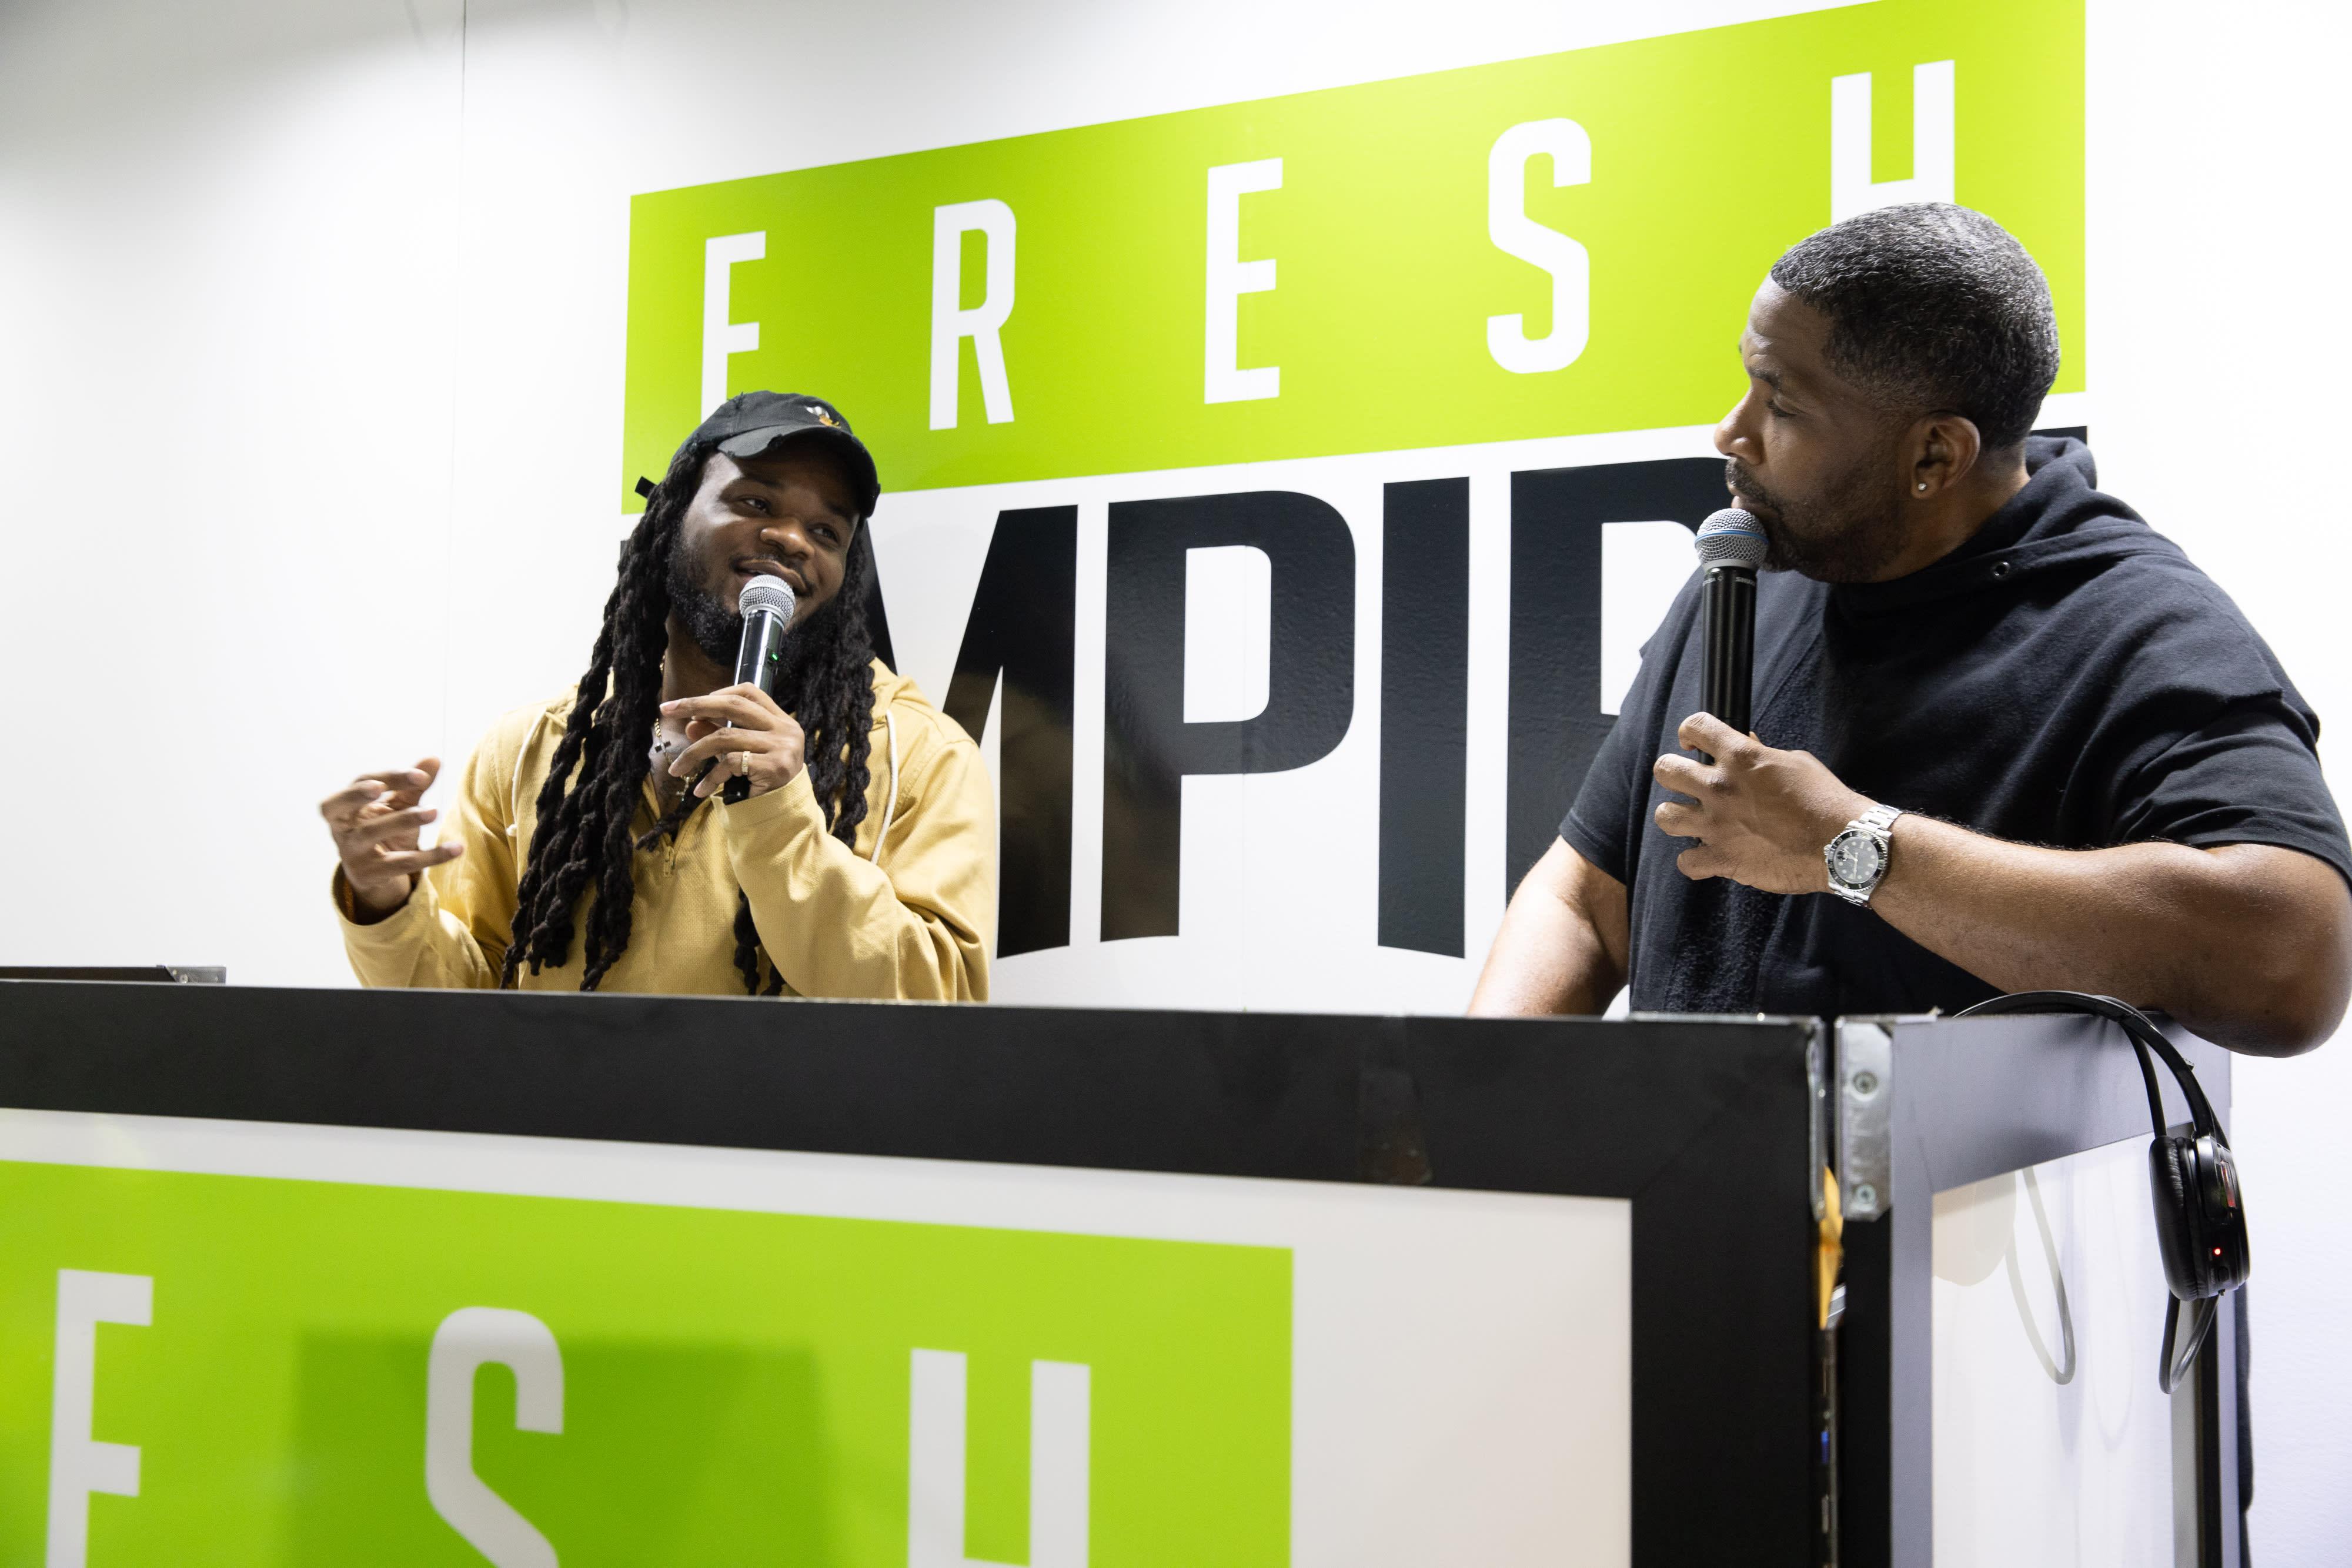 Eman Hudson x Fresh Empire at ComplexCon Speaking